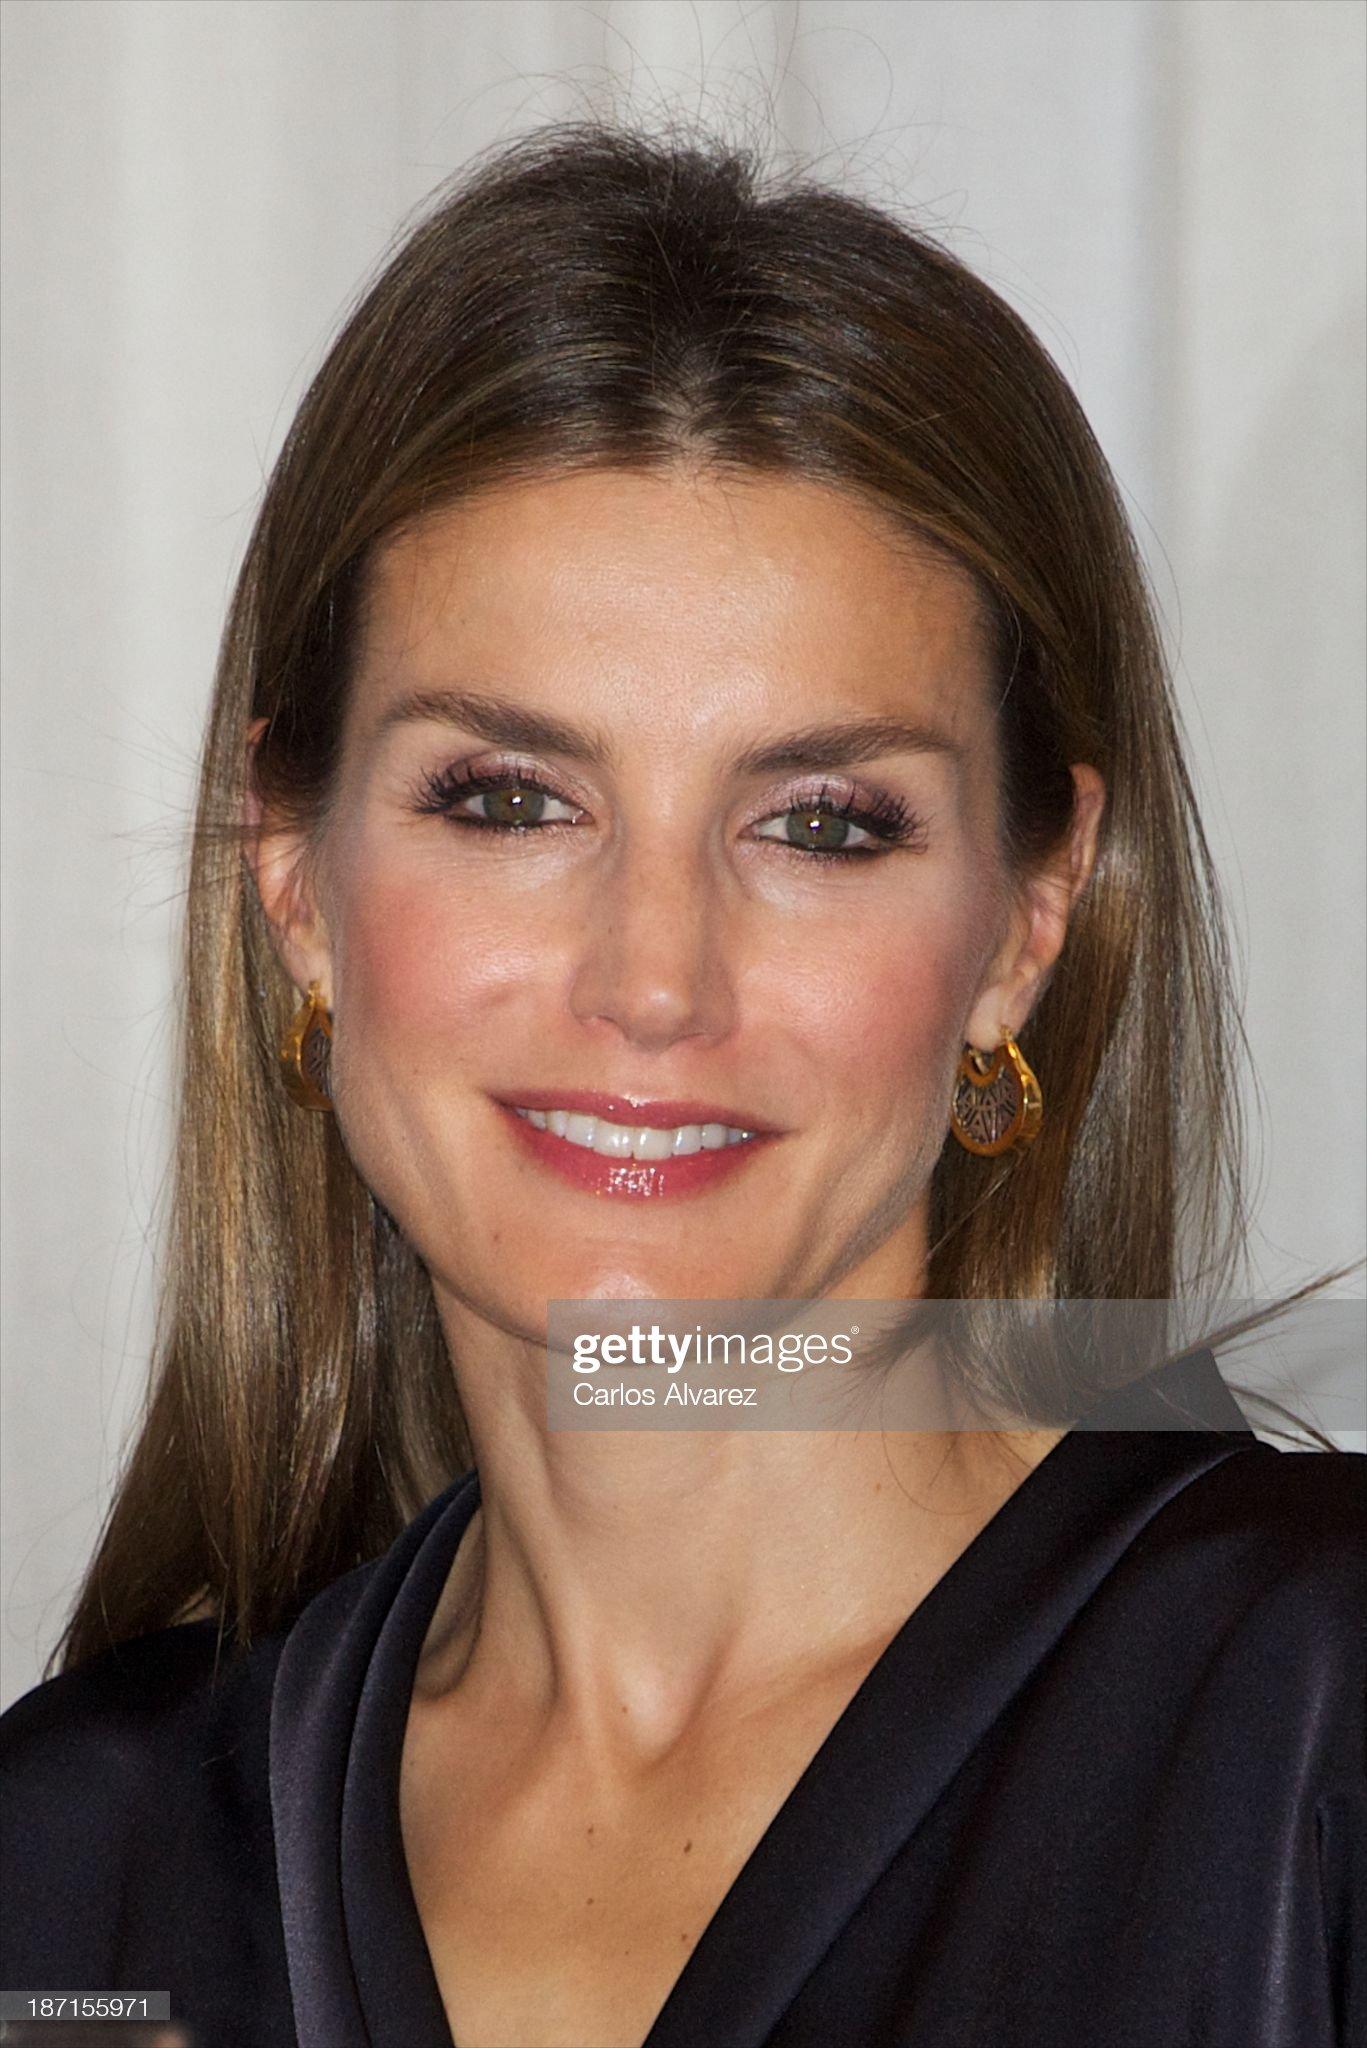 Вечерние наряды Королевы Летиции Spanish Royals Attend 'Francisco Cerecedo' Journalism Awards 2013 : News Photo